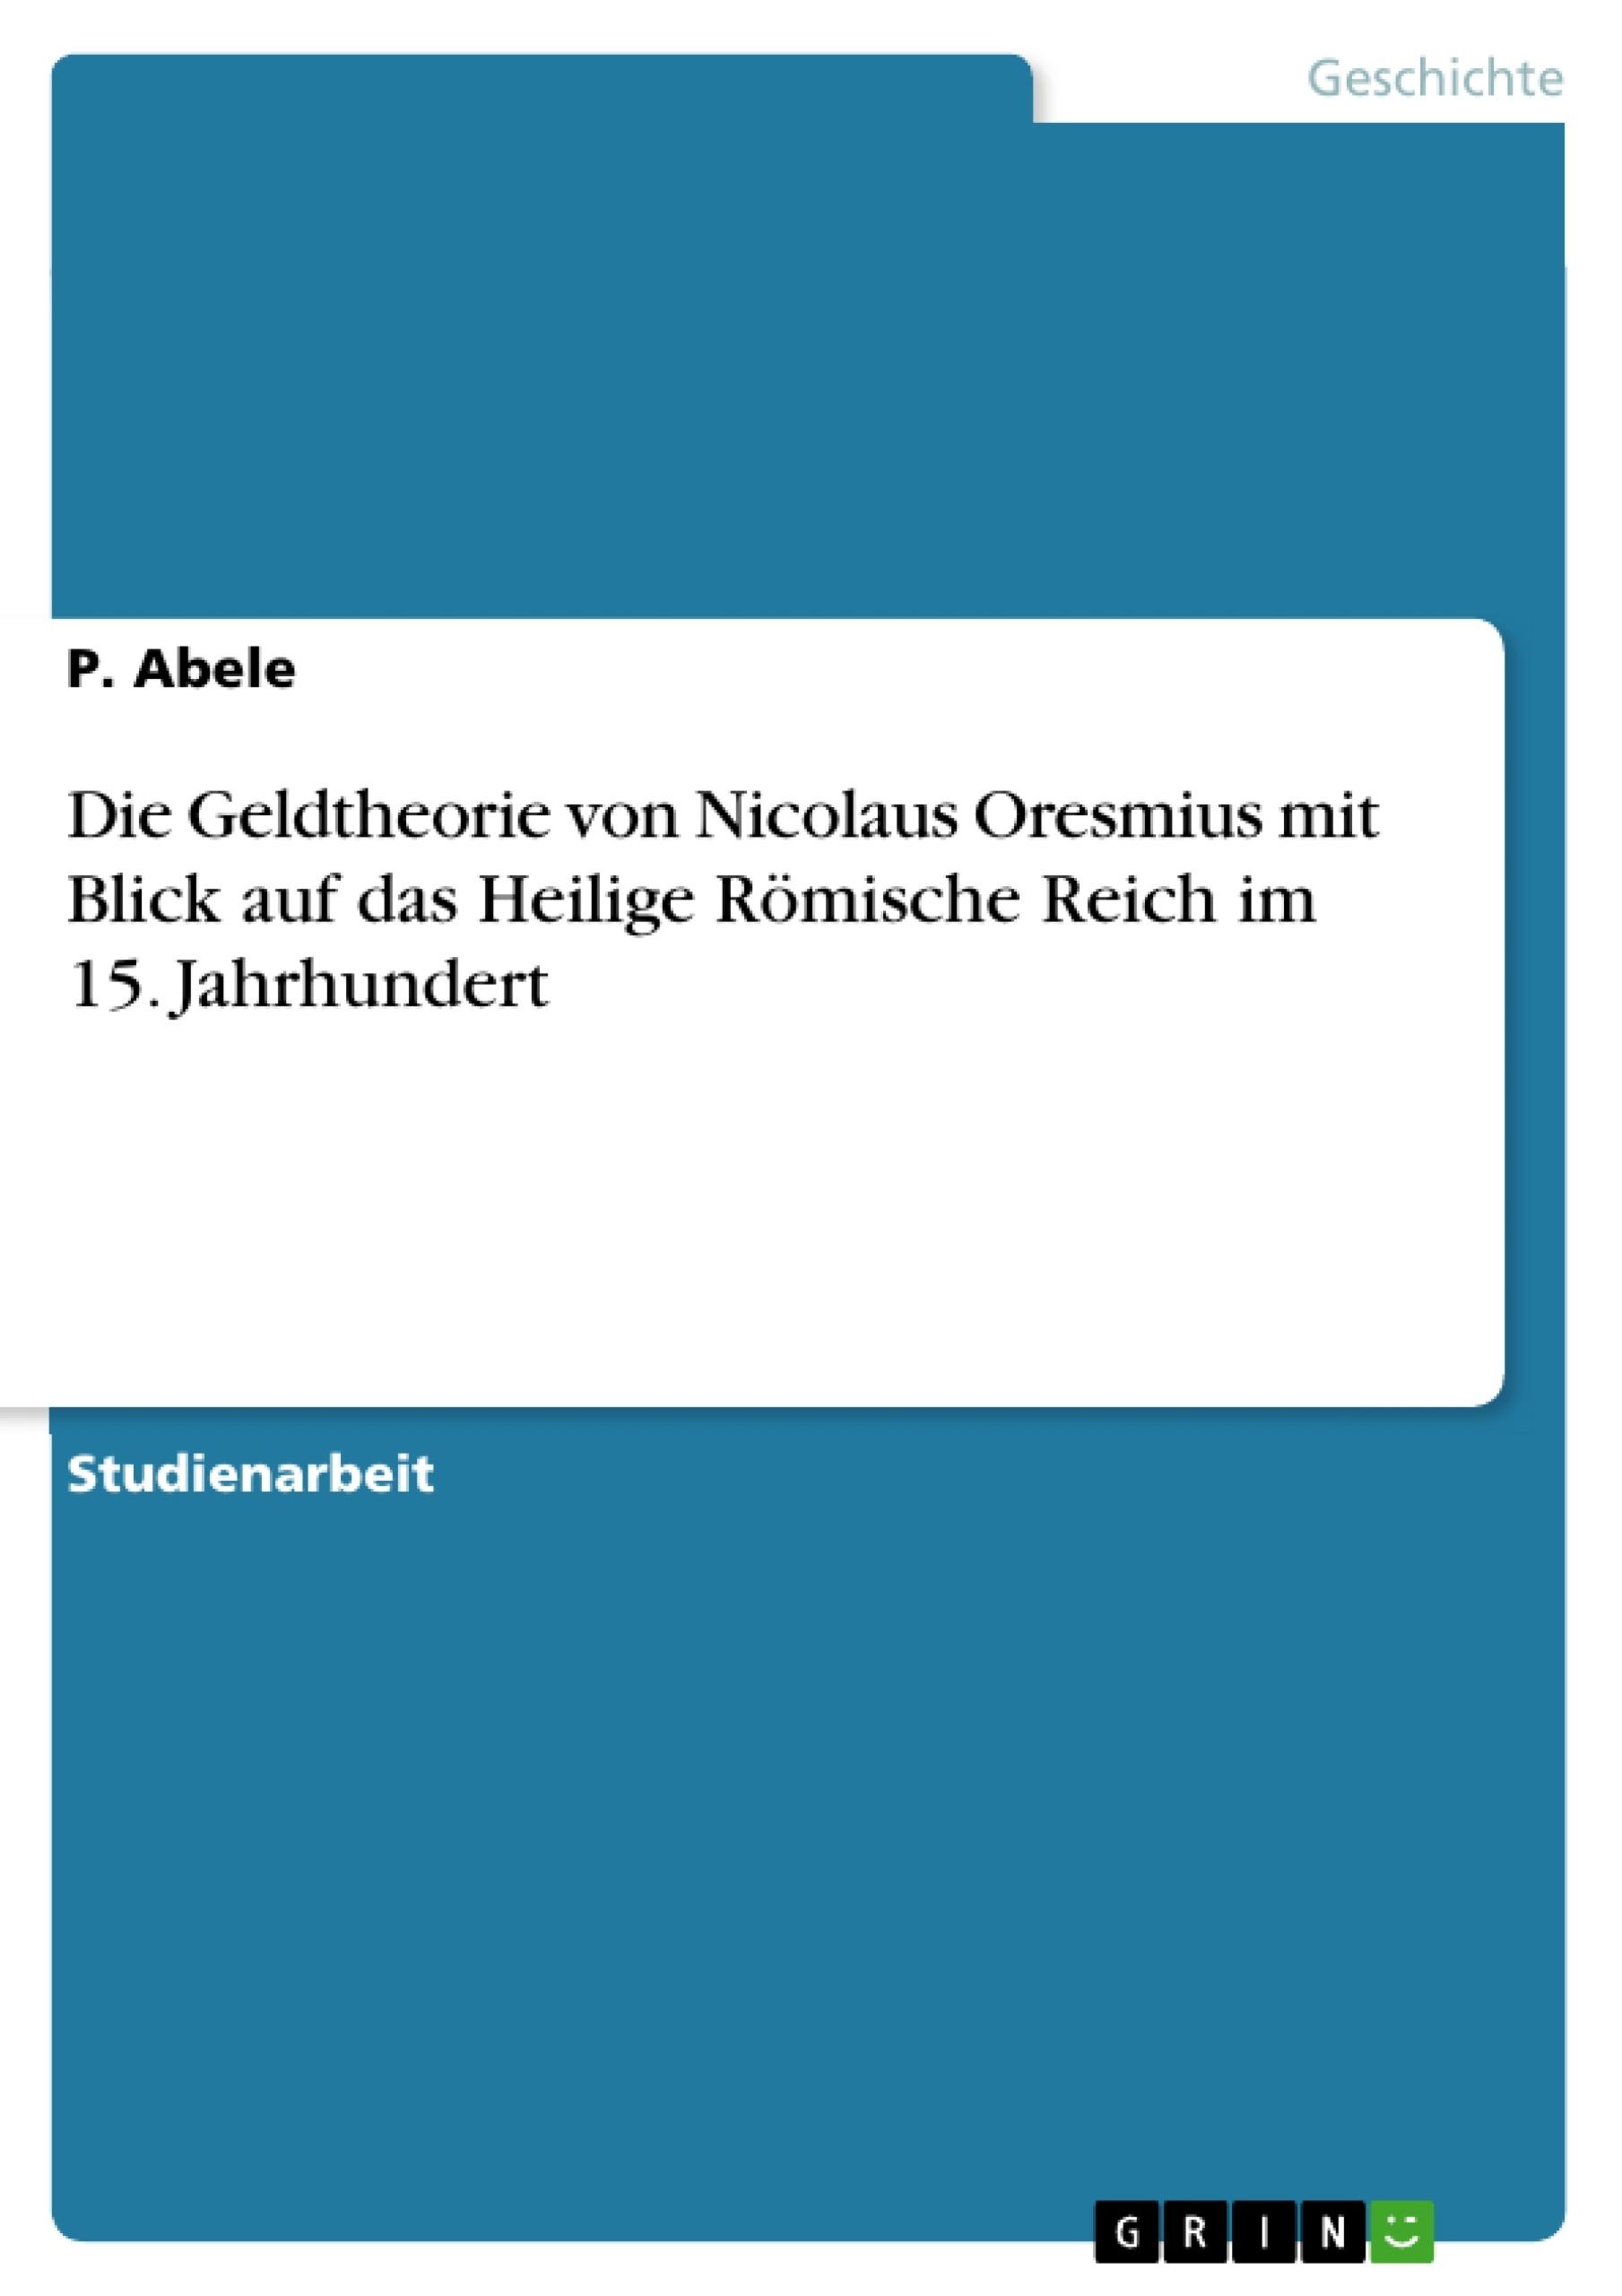 Titel: Die Geldtheorie von Nicolaus Oresmius mit Blick auf das Heilige Römische Reich im 15. Jahrhundert